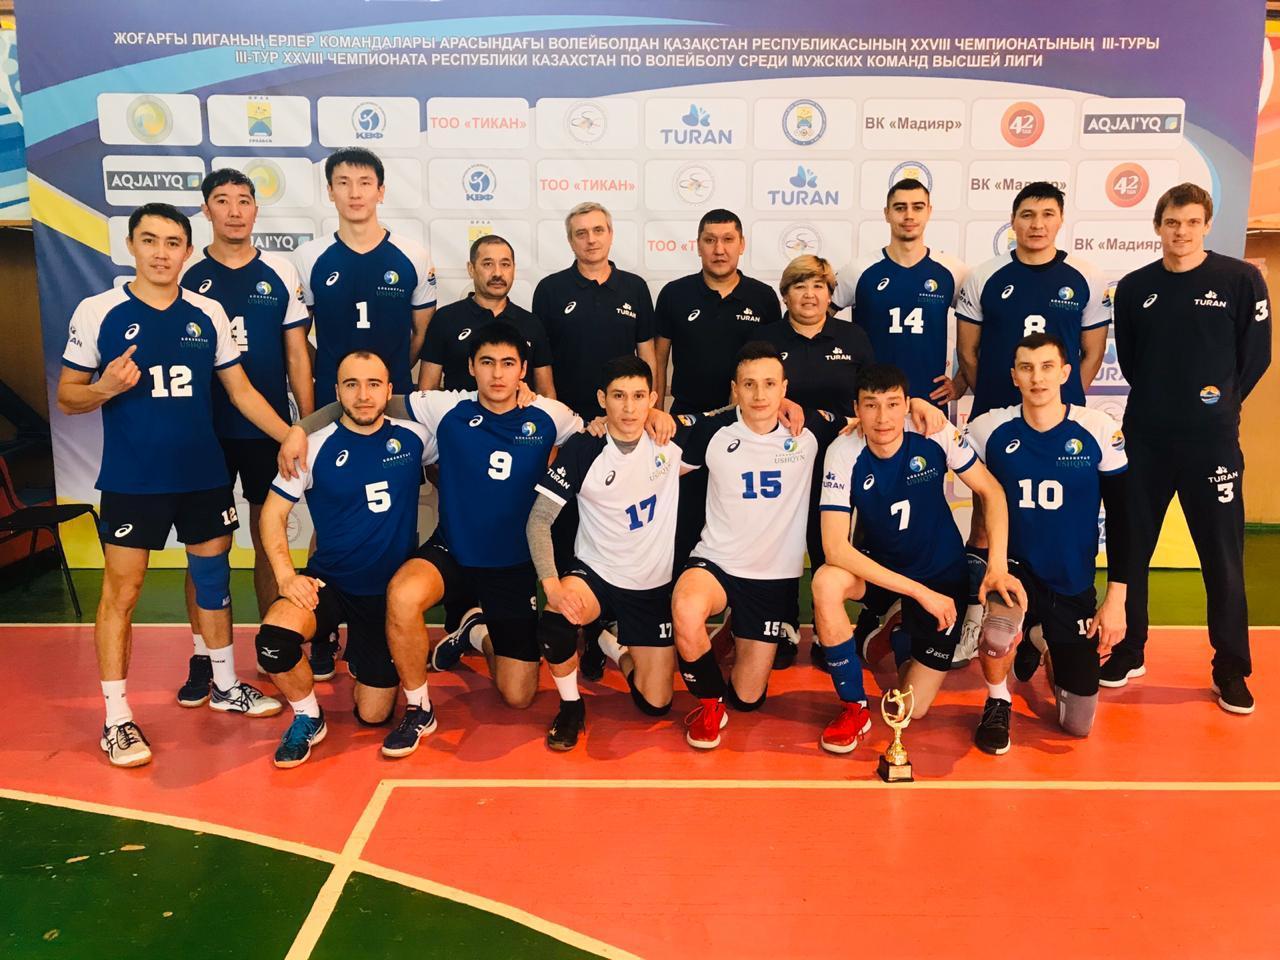 Волейбол:«Ұшқын – Көкшетау»командасы ел чемпионы атанды